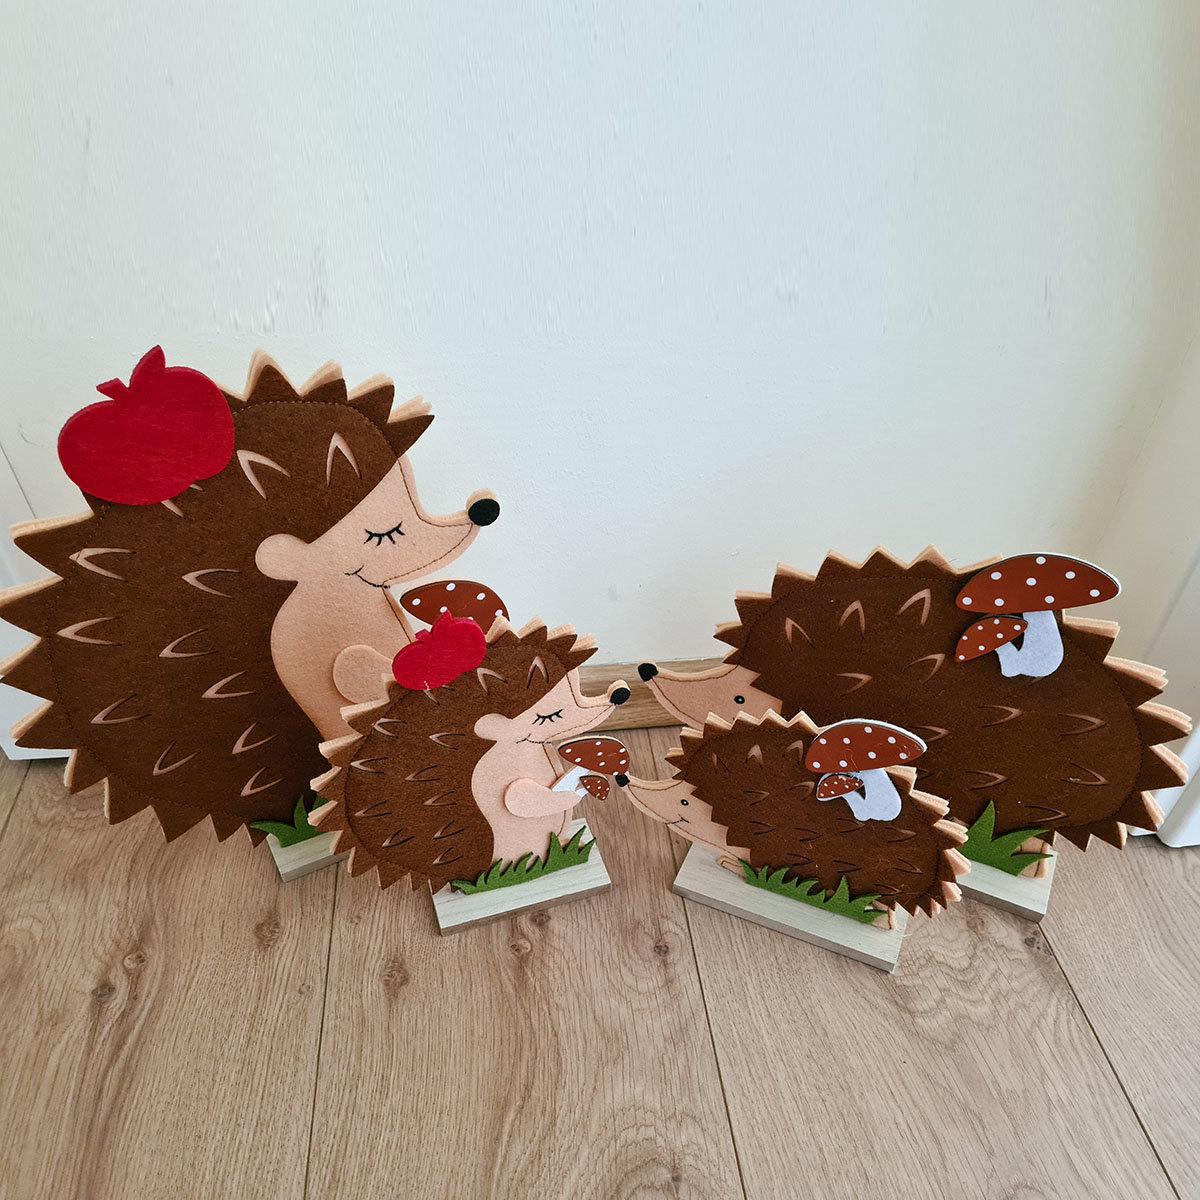 Igel mit Apfel und Pilz, 2er-Set, kriechend, Filz   #2